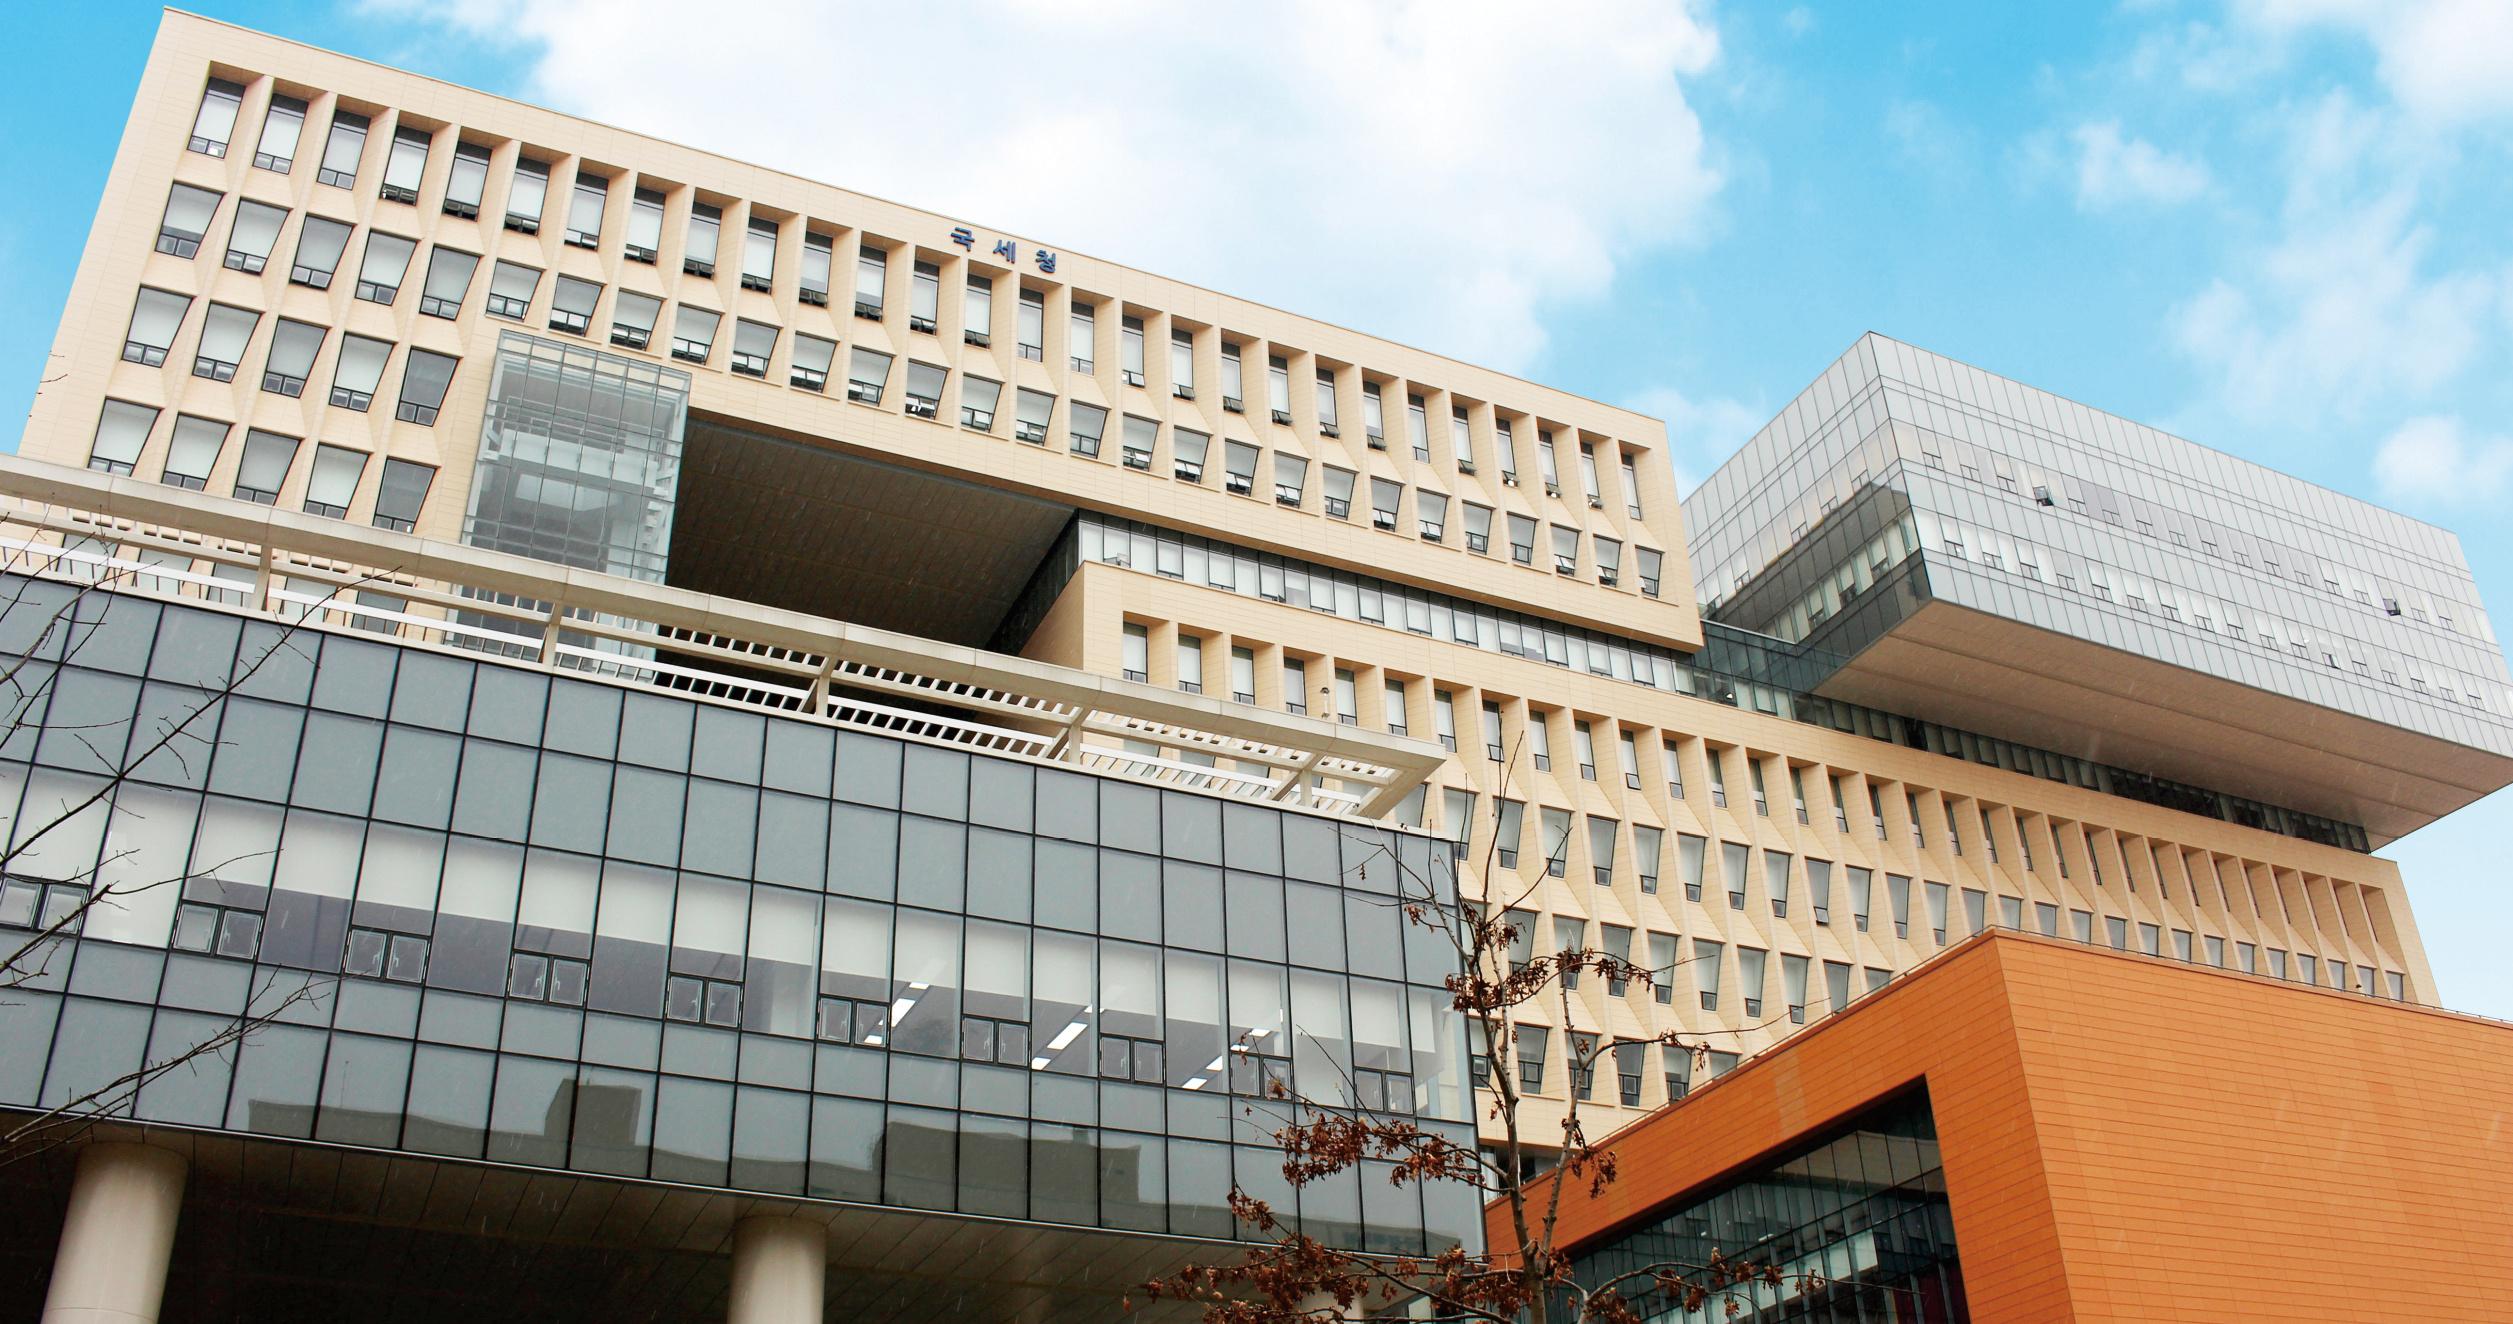 테라코타세종시 정부청사(국세청)